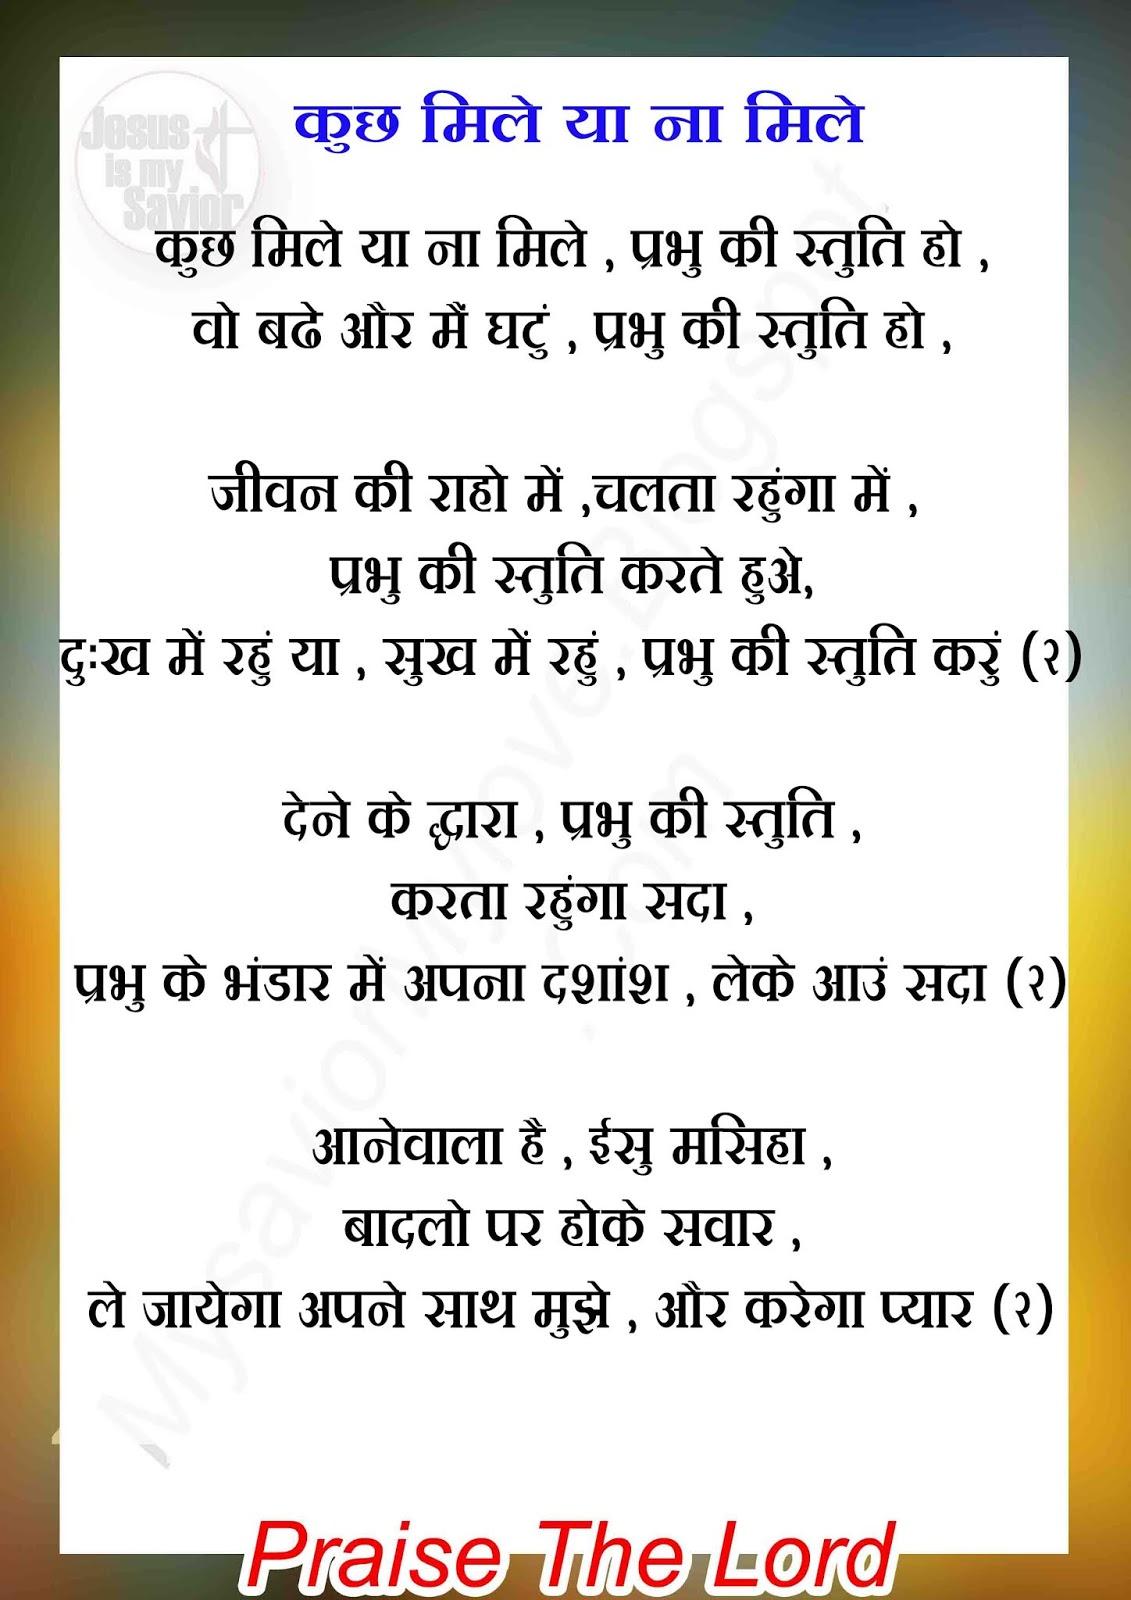 Kuchh Mile Ya Na Mile Jesus Hindi Song New Christian Song S Lyrics Hindi christian song old & new collection. kuchh mile ya na mile jesus hindi song